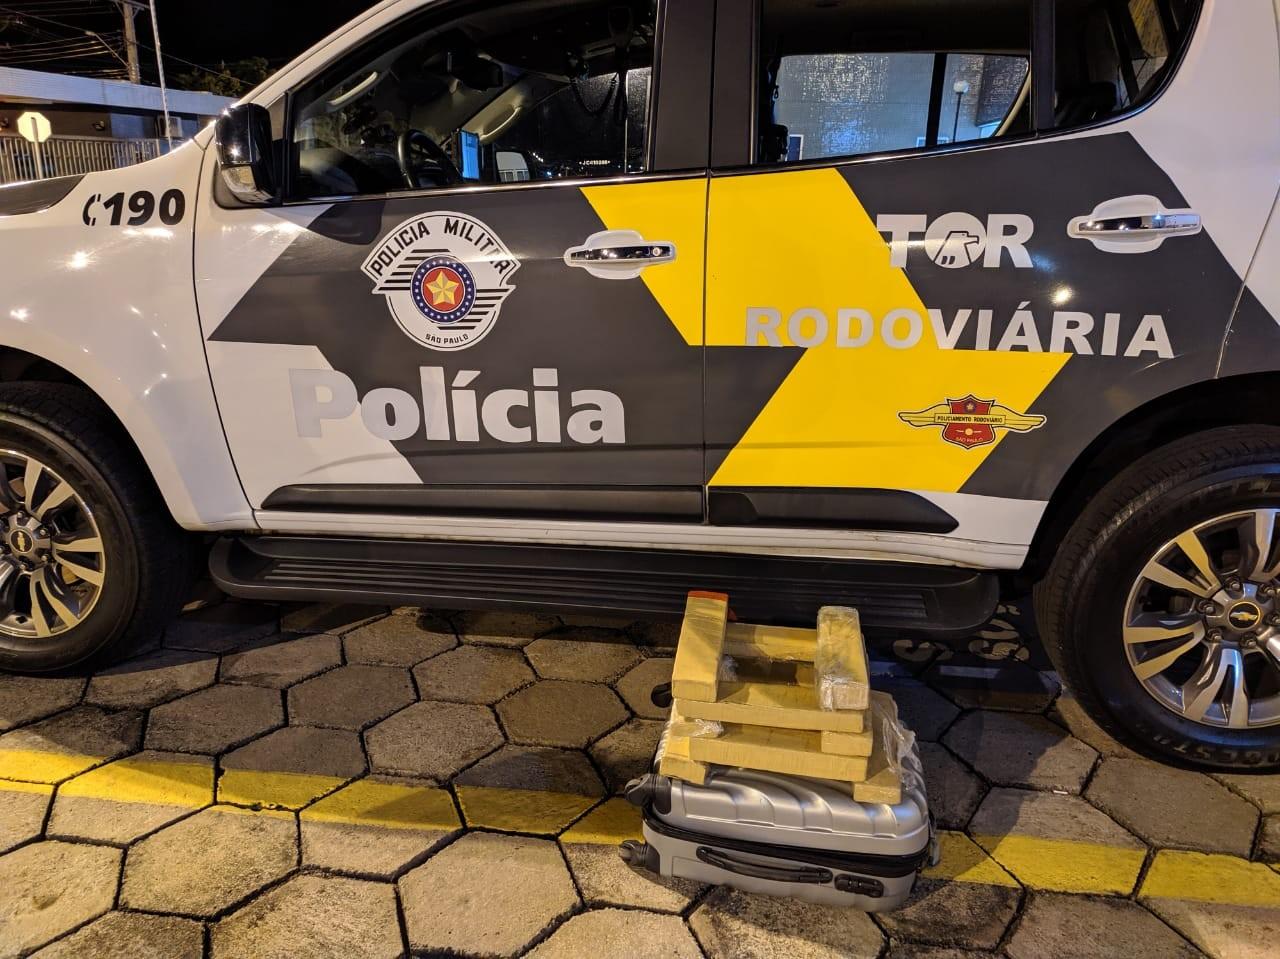 Mala com quase 9 kg de maconha é apreendida durante fiscalização em ônibus na SP-270 - Notícias - Plantão Diário